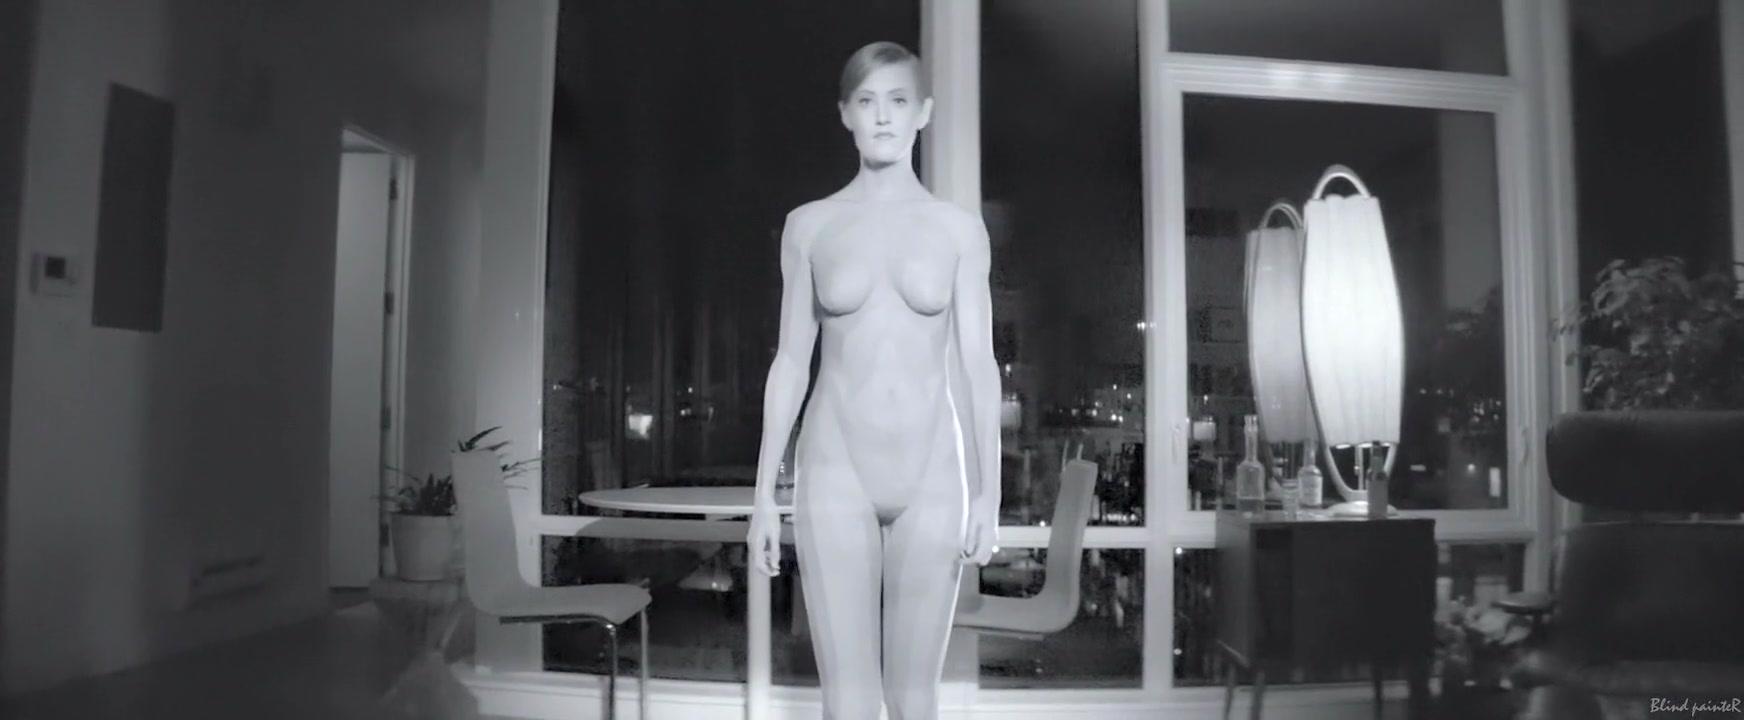 Hot Nude Peguy luyindula wife sexual dysfunction